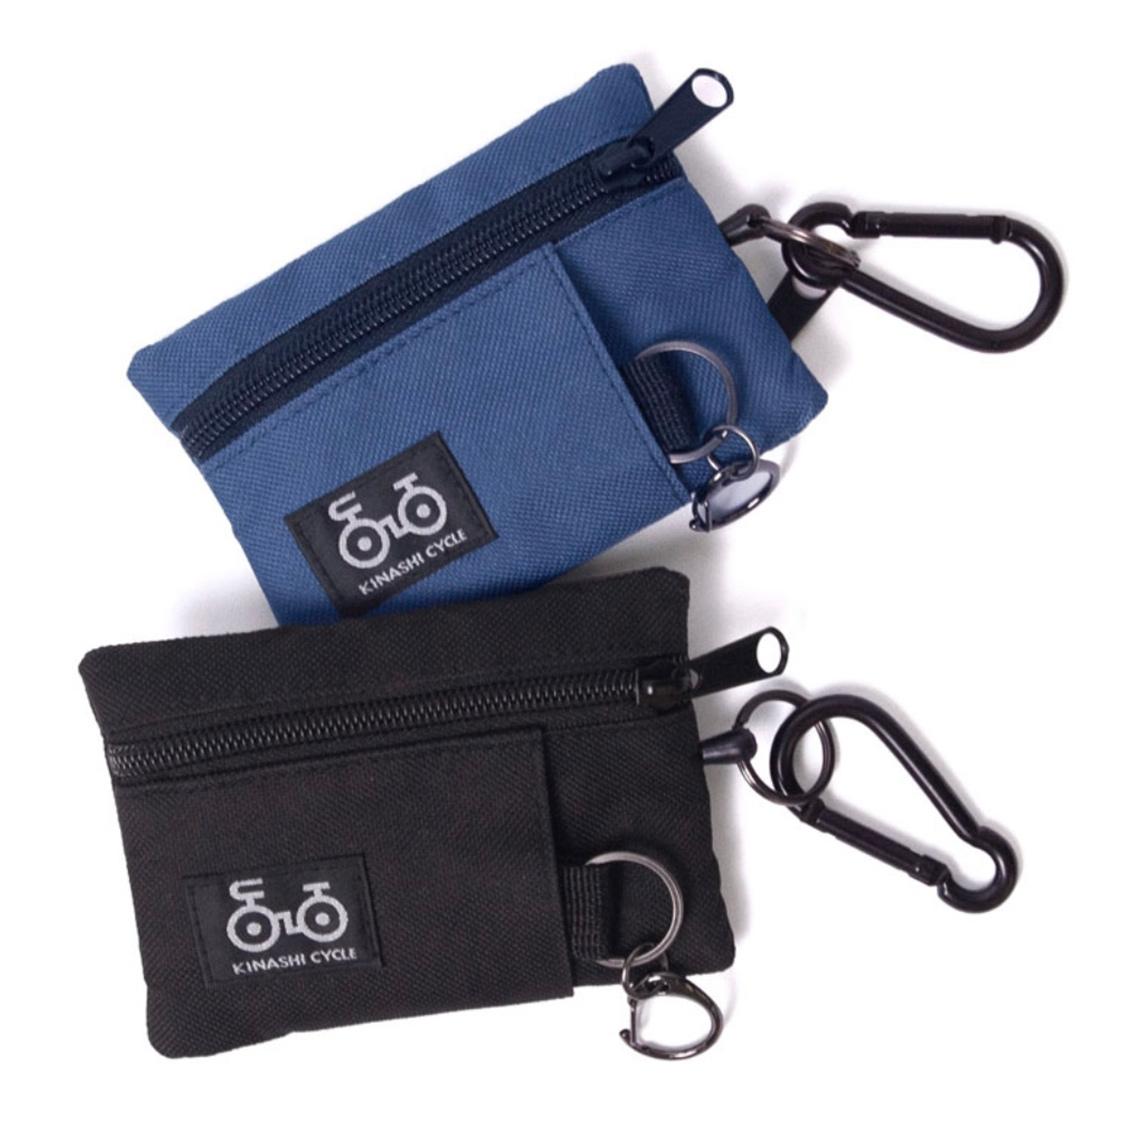 新品 木梨サイクル kinashicycle リール付き ポーチ ブラック / キーケース コインケース パスケース キーホルダー 財布 カードケース